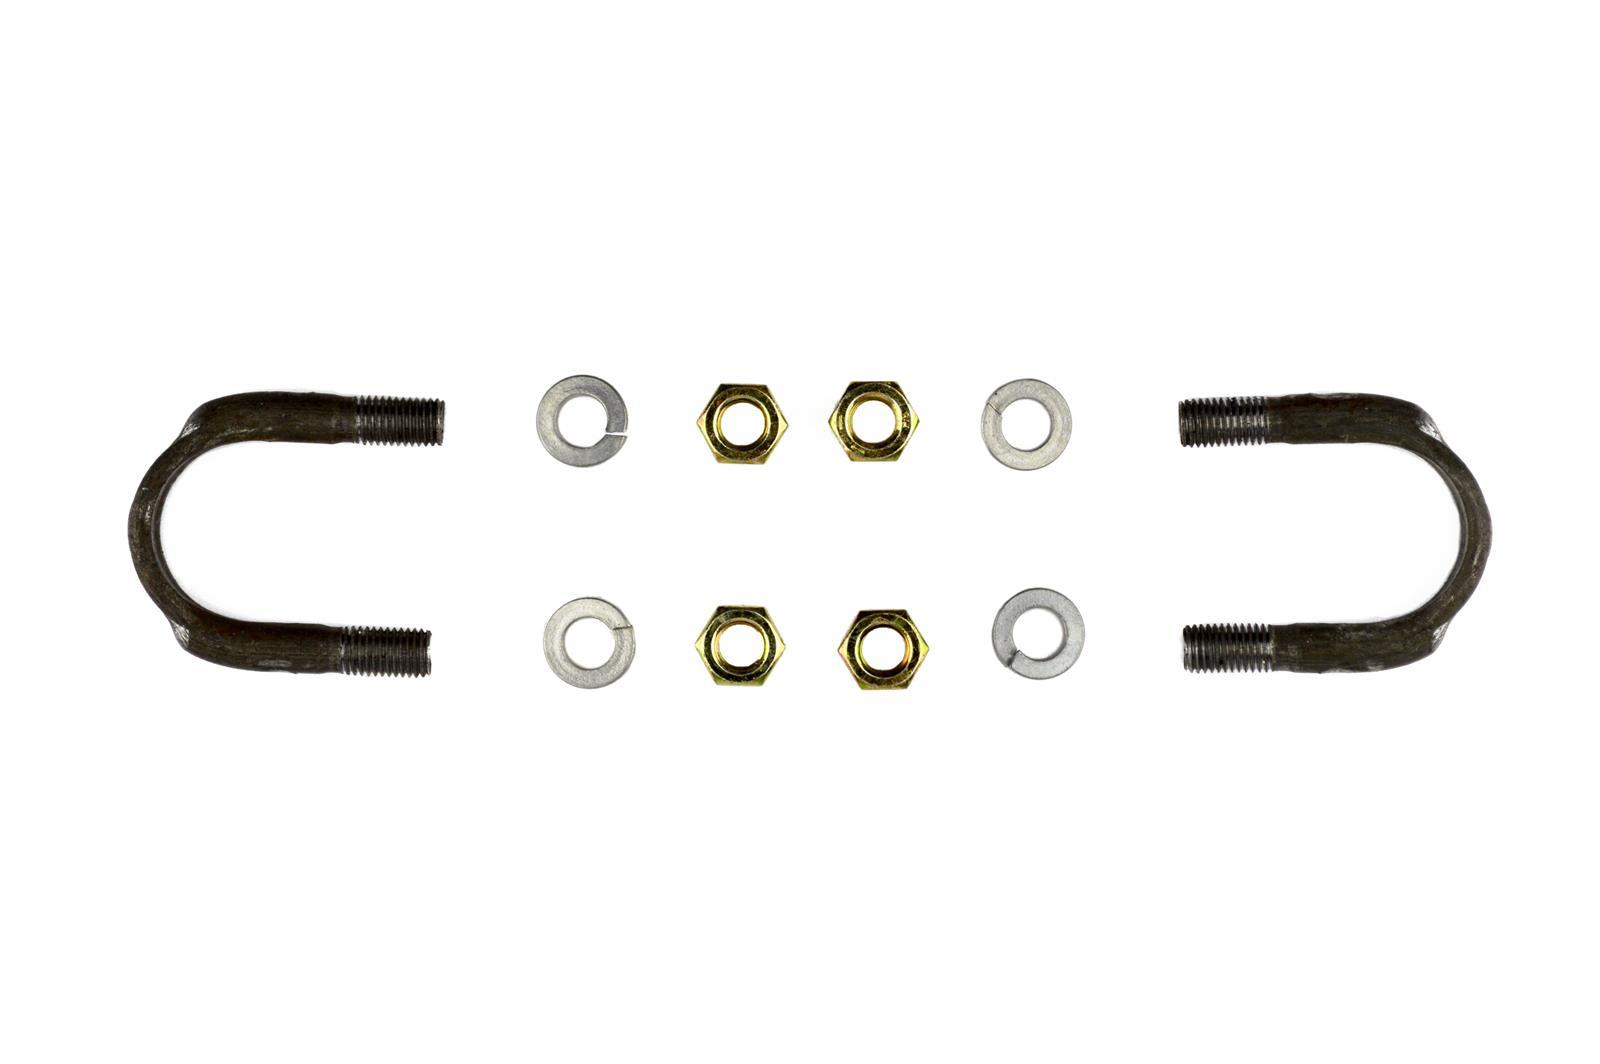 Spicer Drivetrain Products U-Joint U-Bolt Kits 2-94-28X